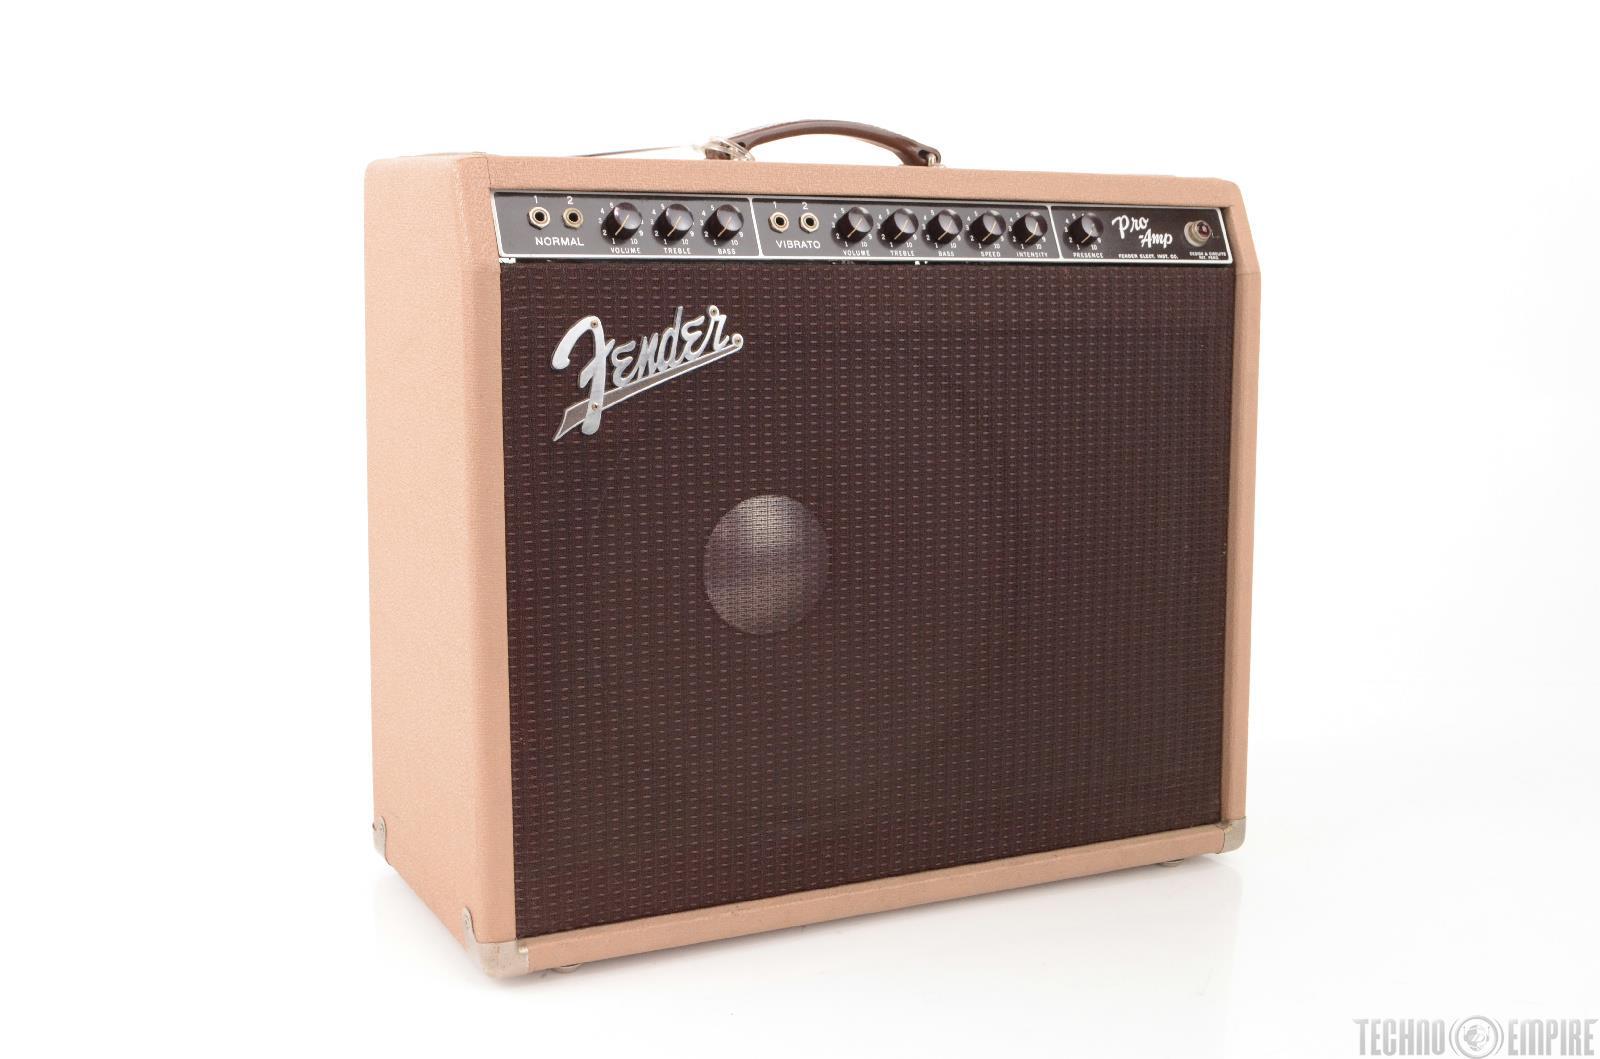 1960 fender pro amp brownface 6g5 1x15 jbl guitar combo amplifier 22516 ebay. Black Bedroom Furniture Sets. Home Design Ideas